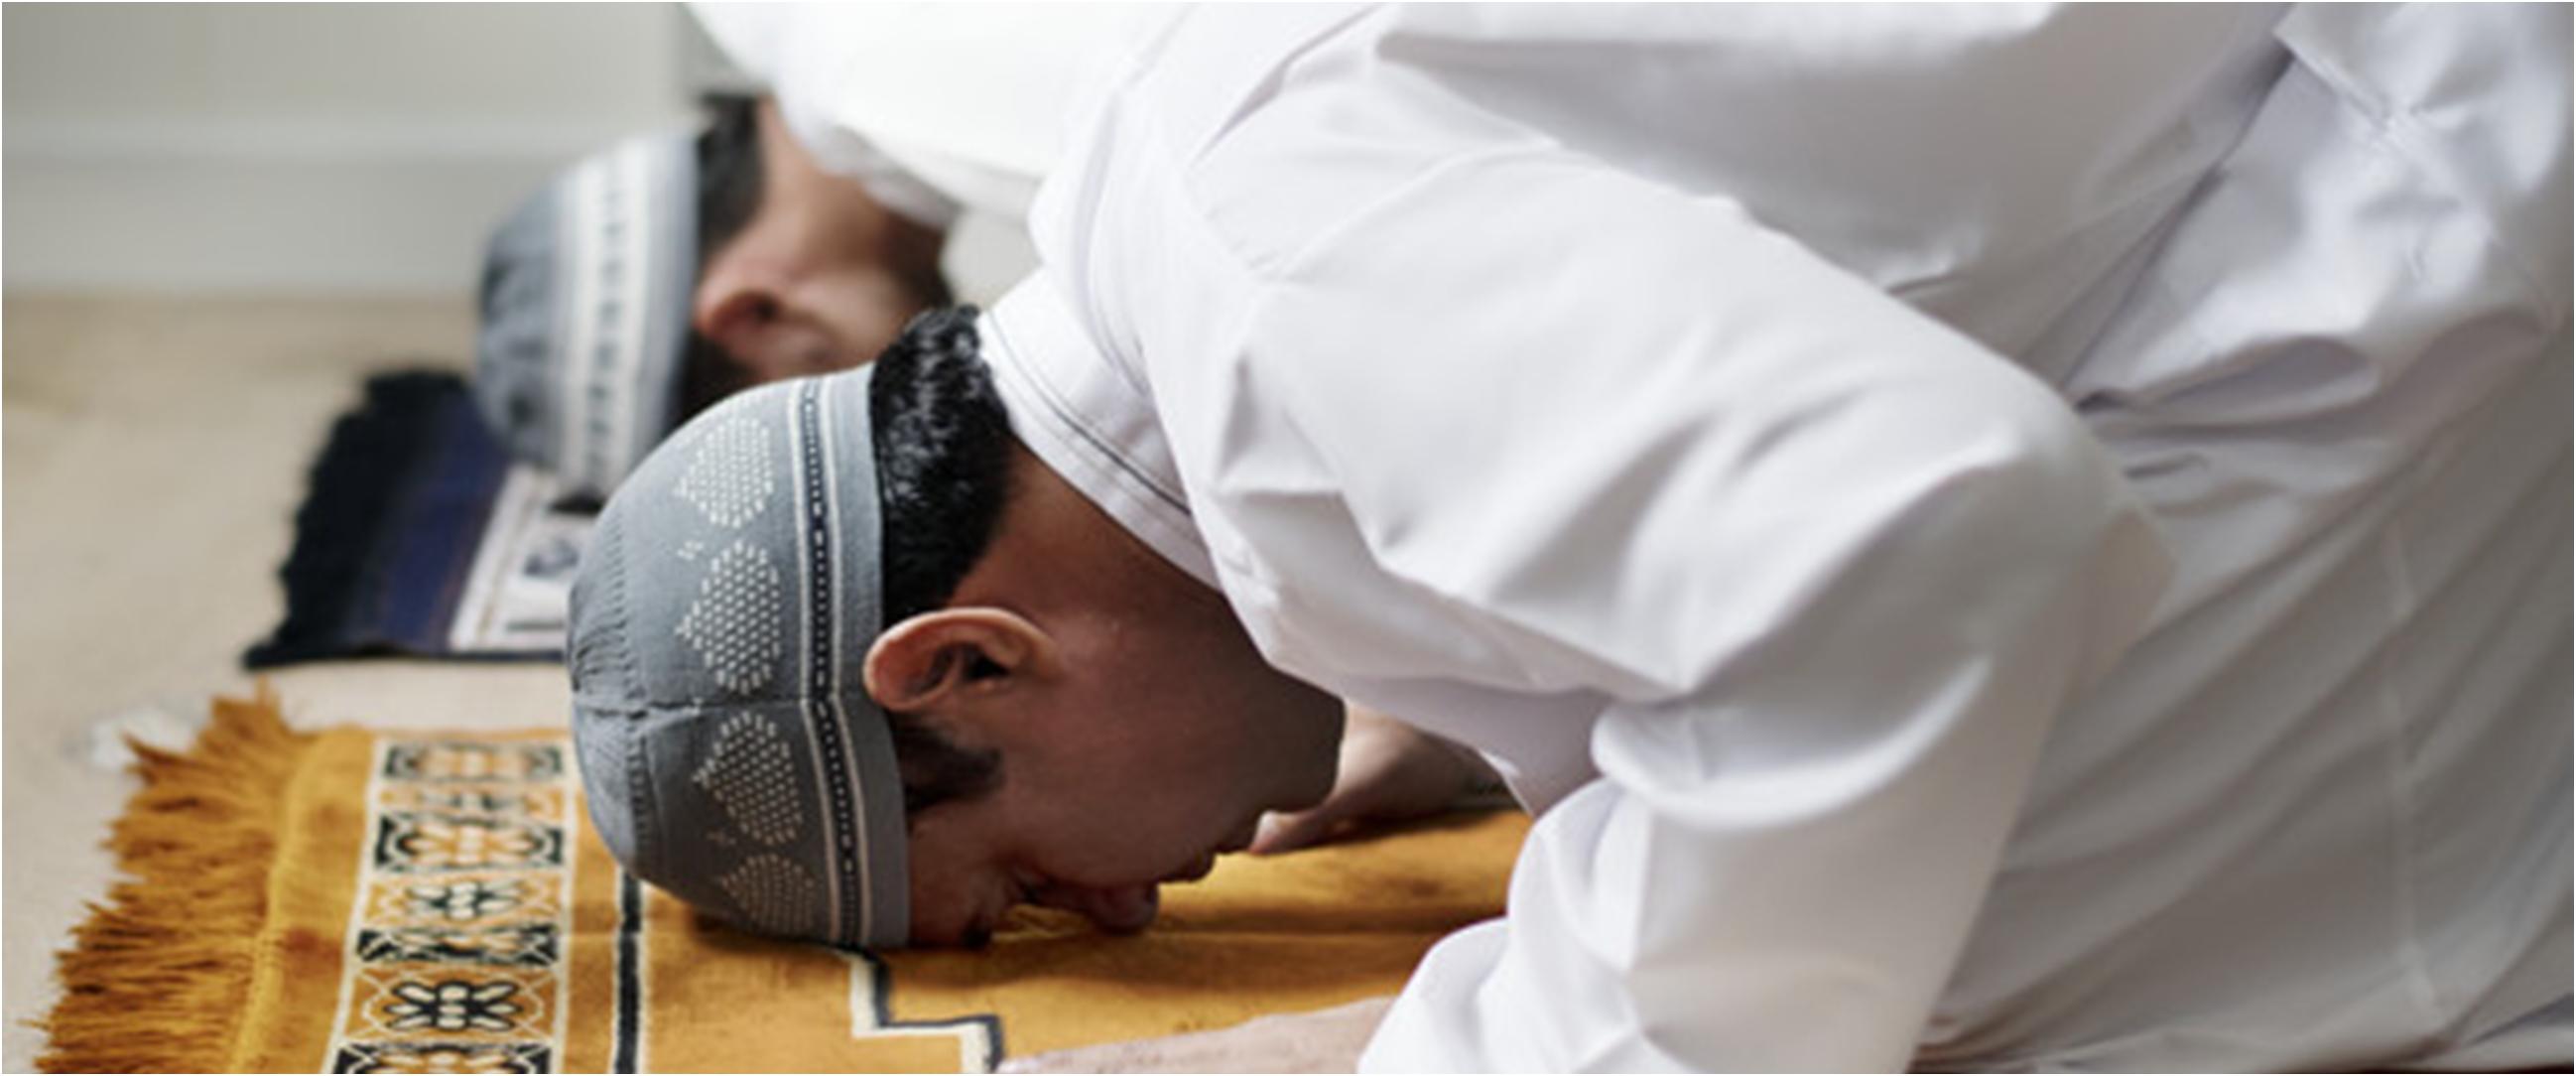 Panduan ibadah Ramadan & lebaran saat pandemi corona dari Kemenag